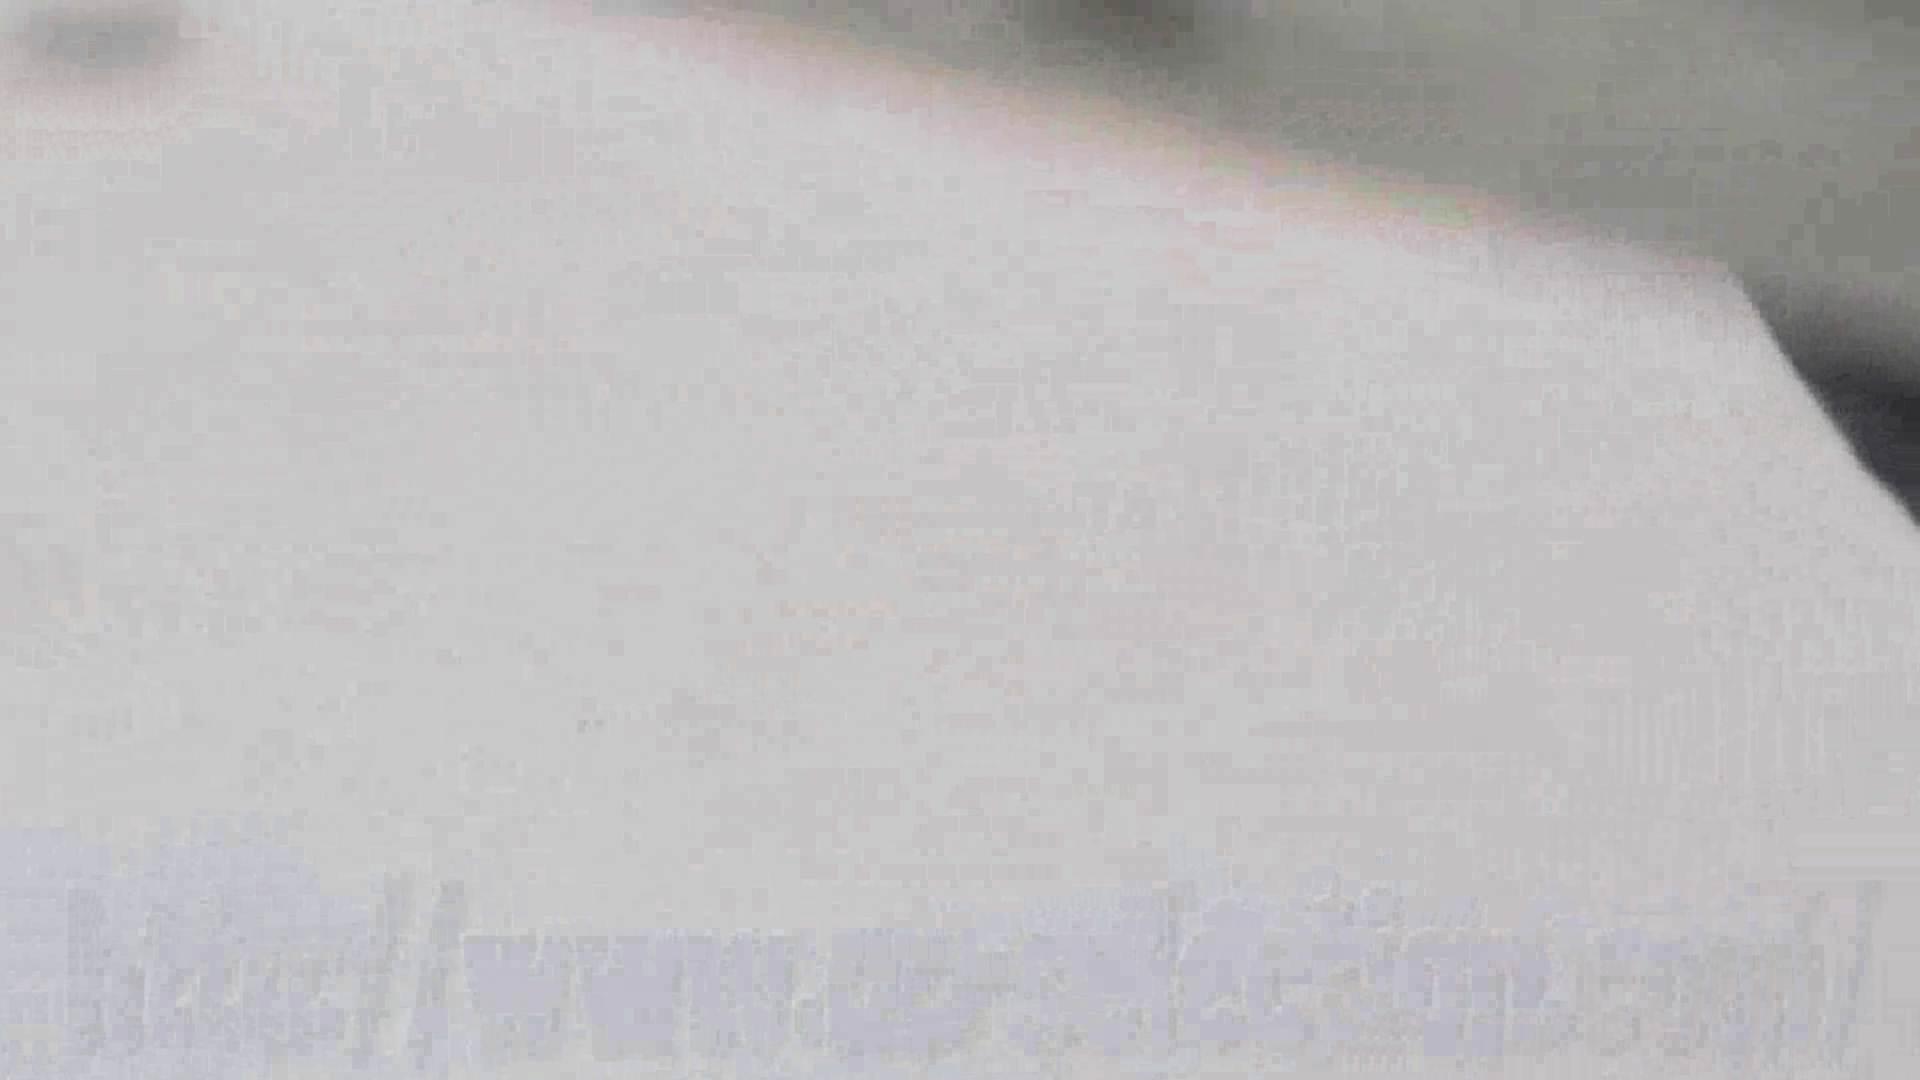 なんだこれ!! Vol.08 遂に美女登場!! 美女エロ画像 | 潜入  94PICs 70